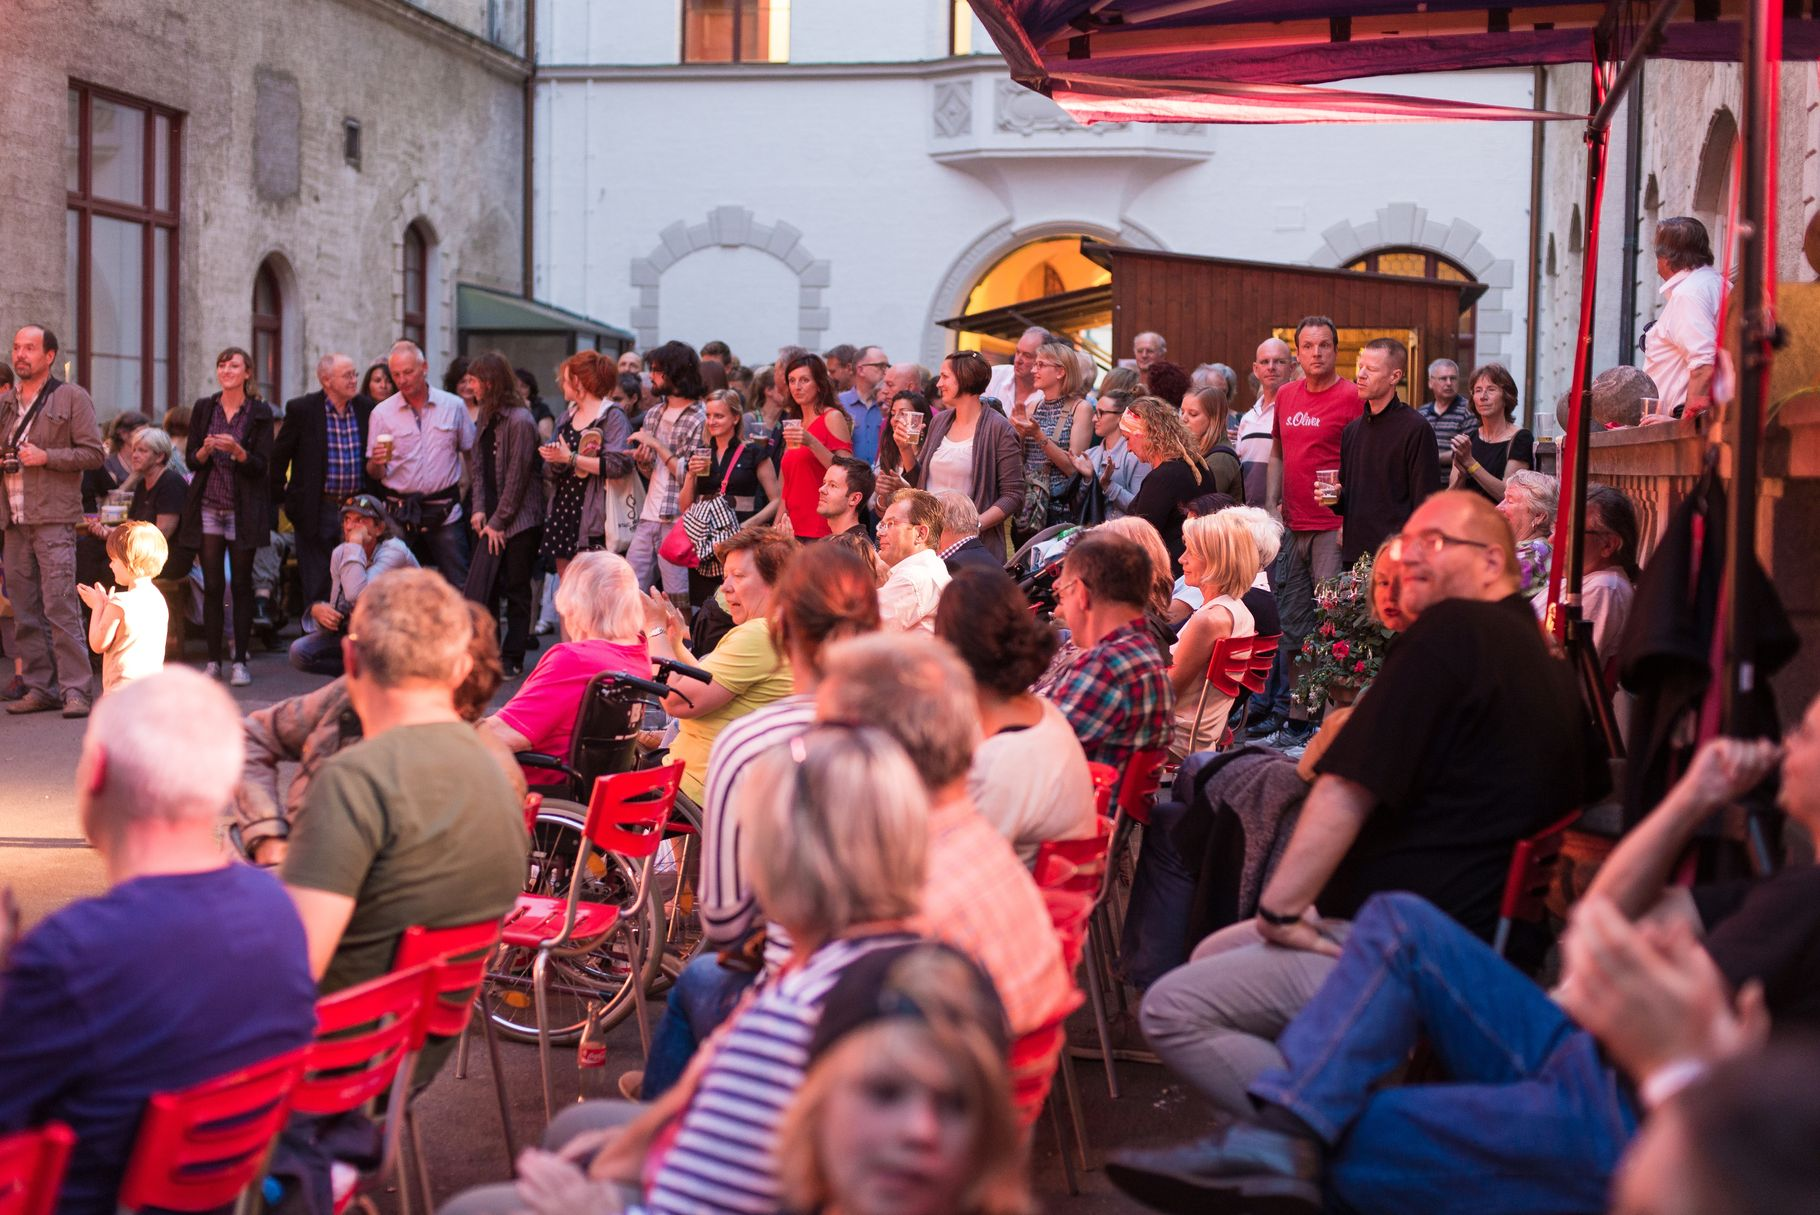 Konzerte im Bürgerhof 27.06.14 - Freiwilligen-Zentrum Augsburg - Foto: Martin Schönberger